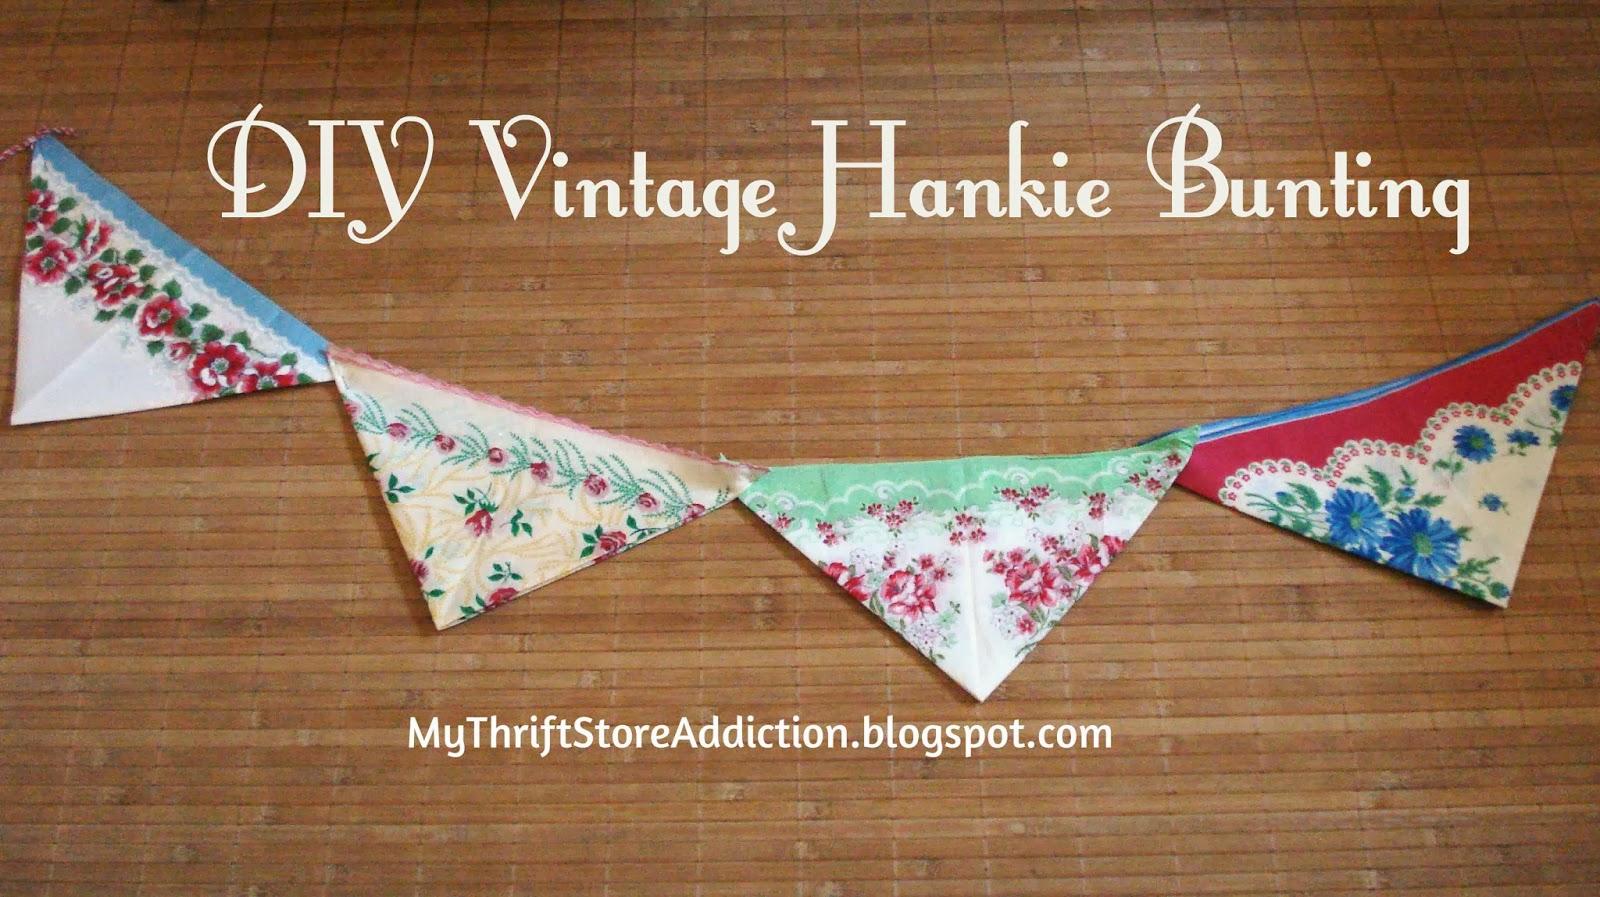 Vintage hankie bunting